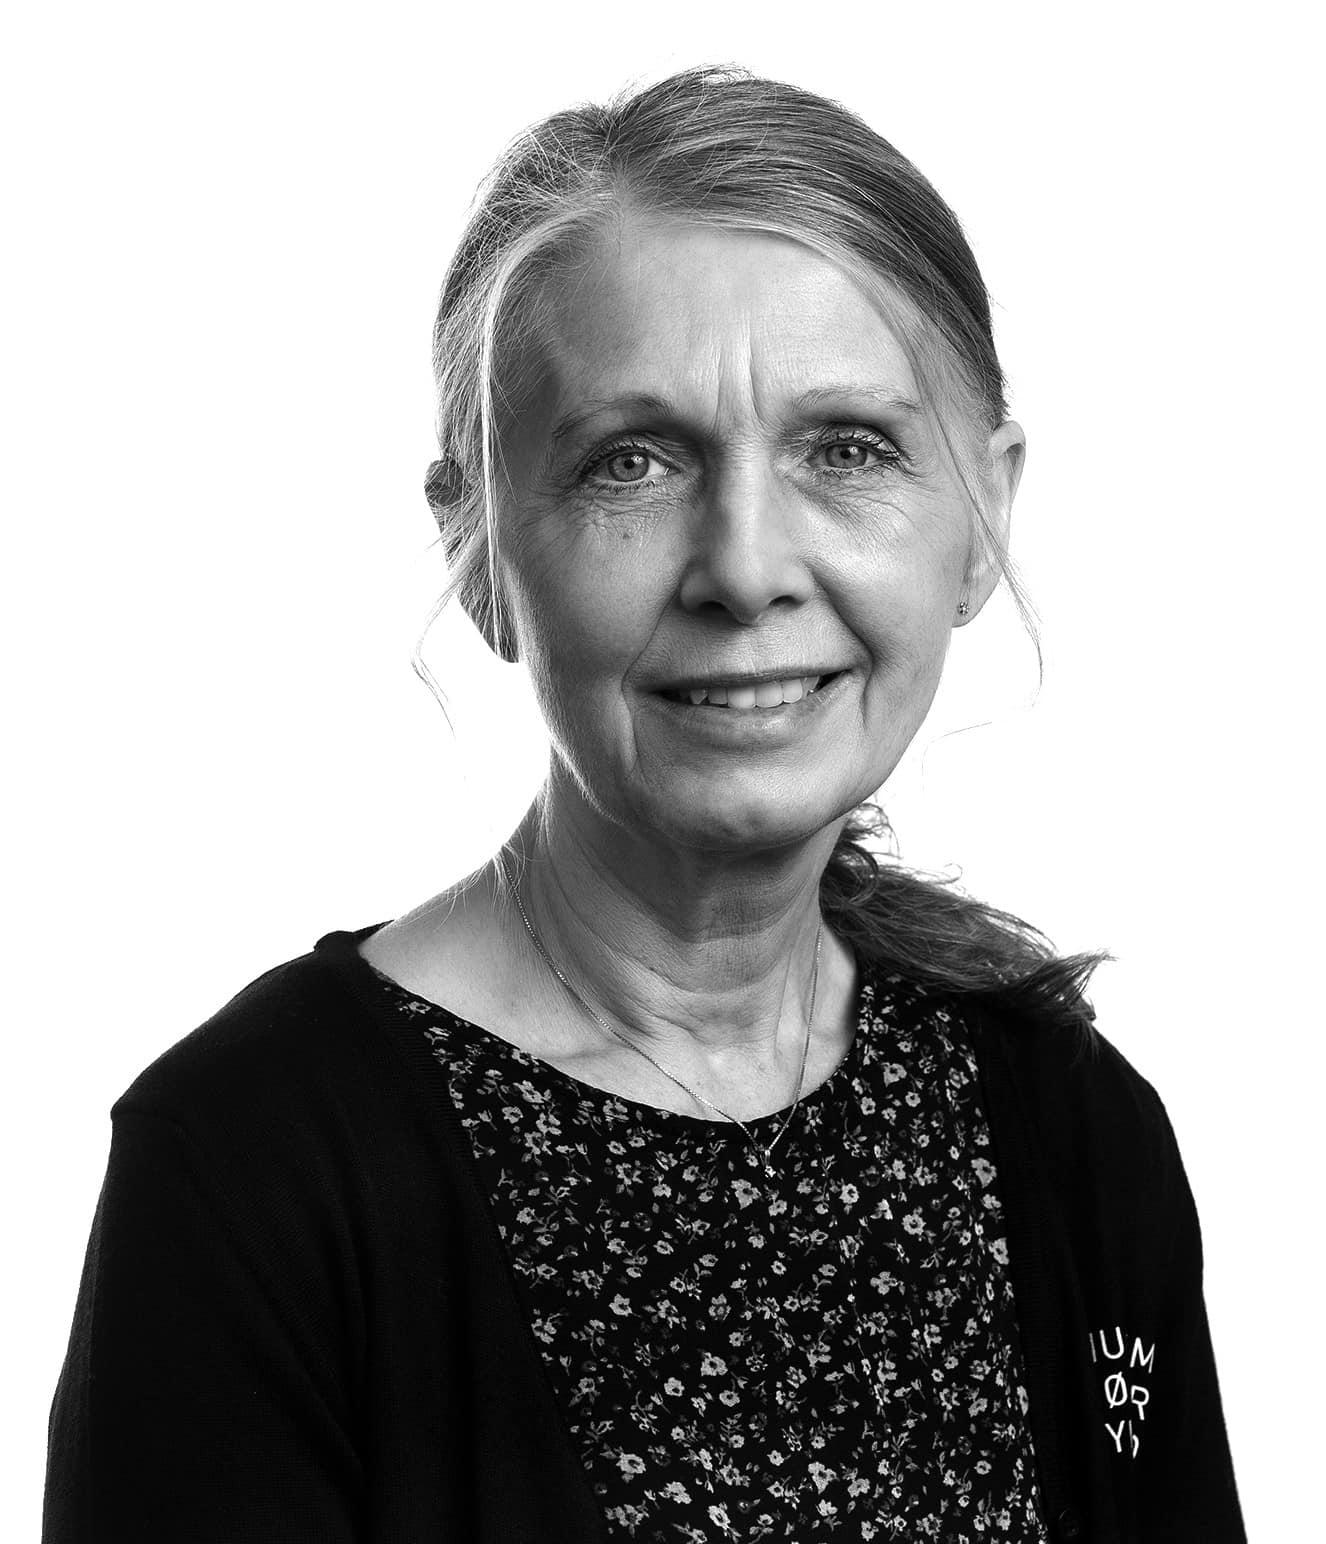 Mona Engel